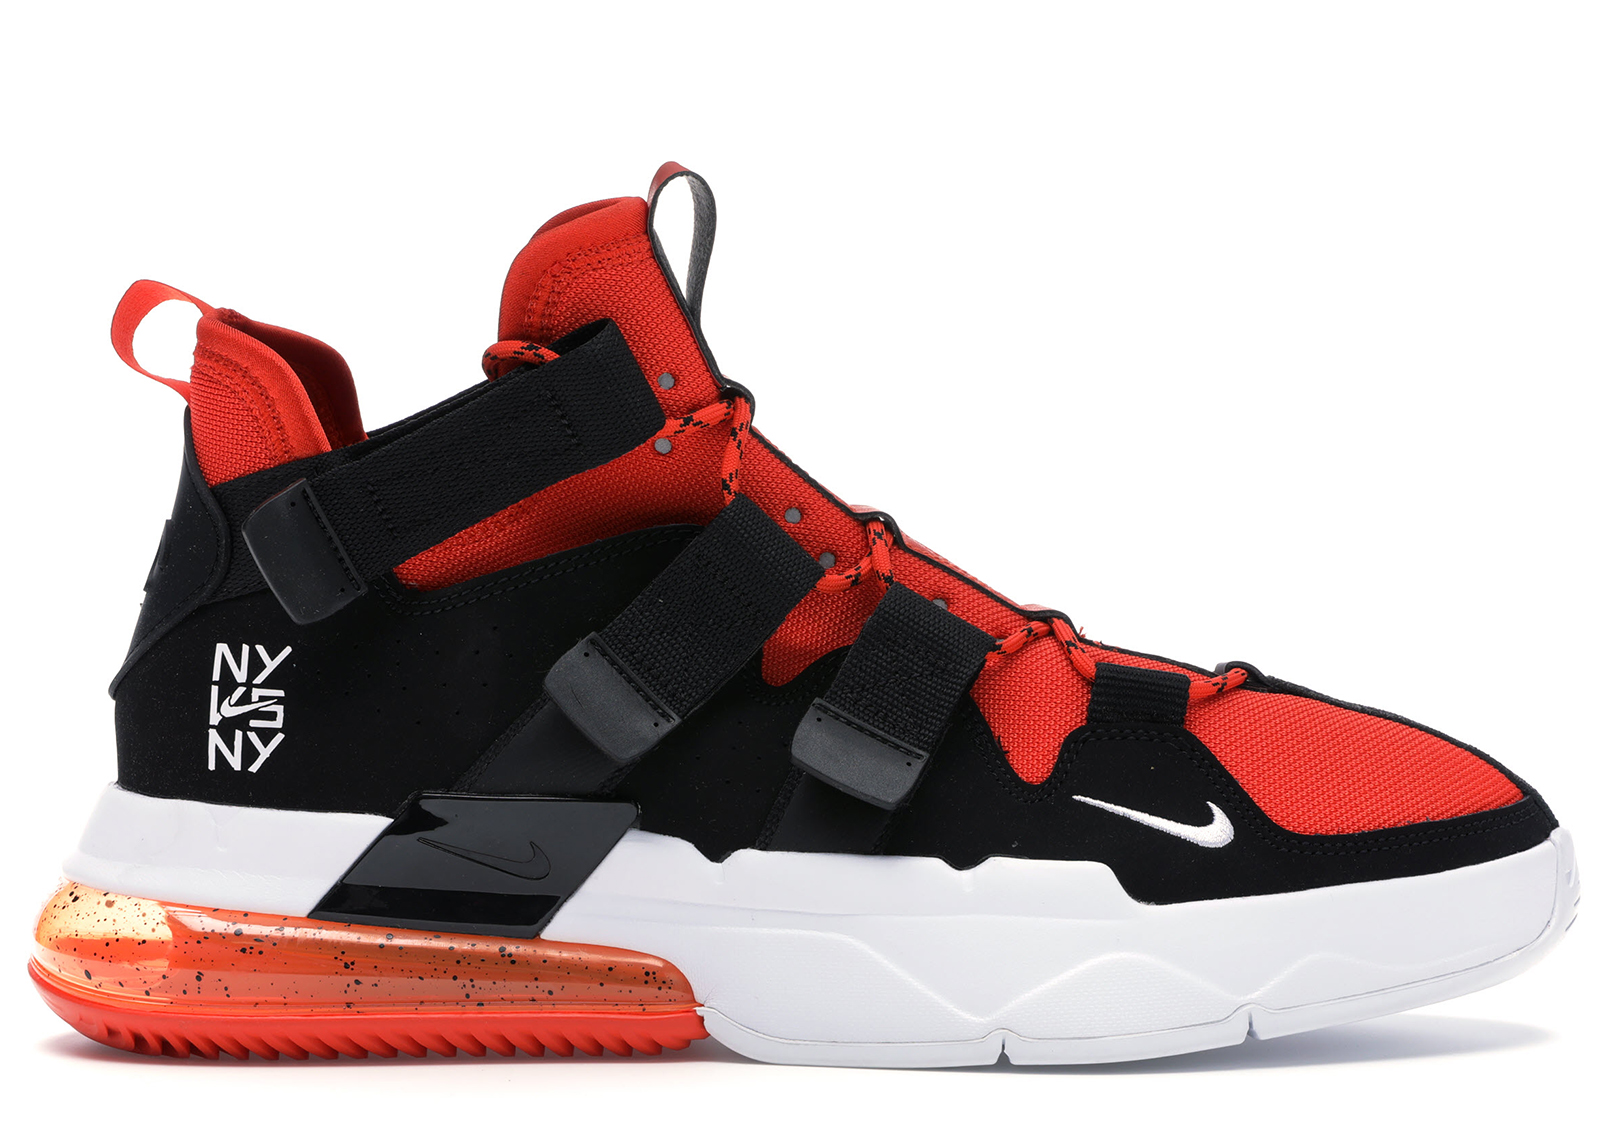 Nike Air Edge 270 NY vs NY Pack